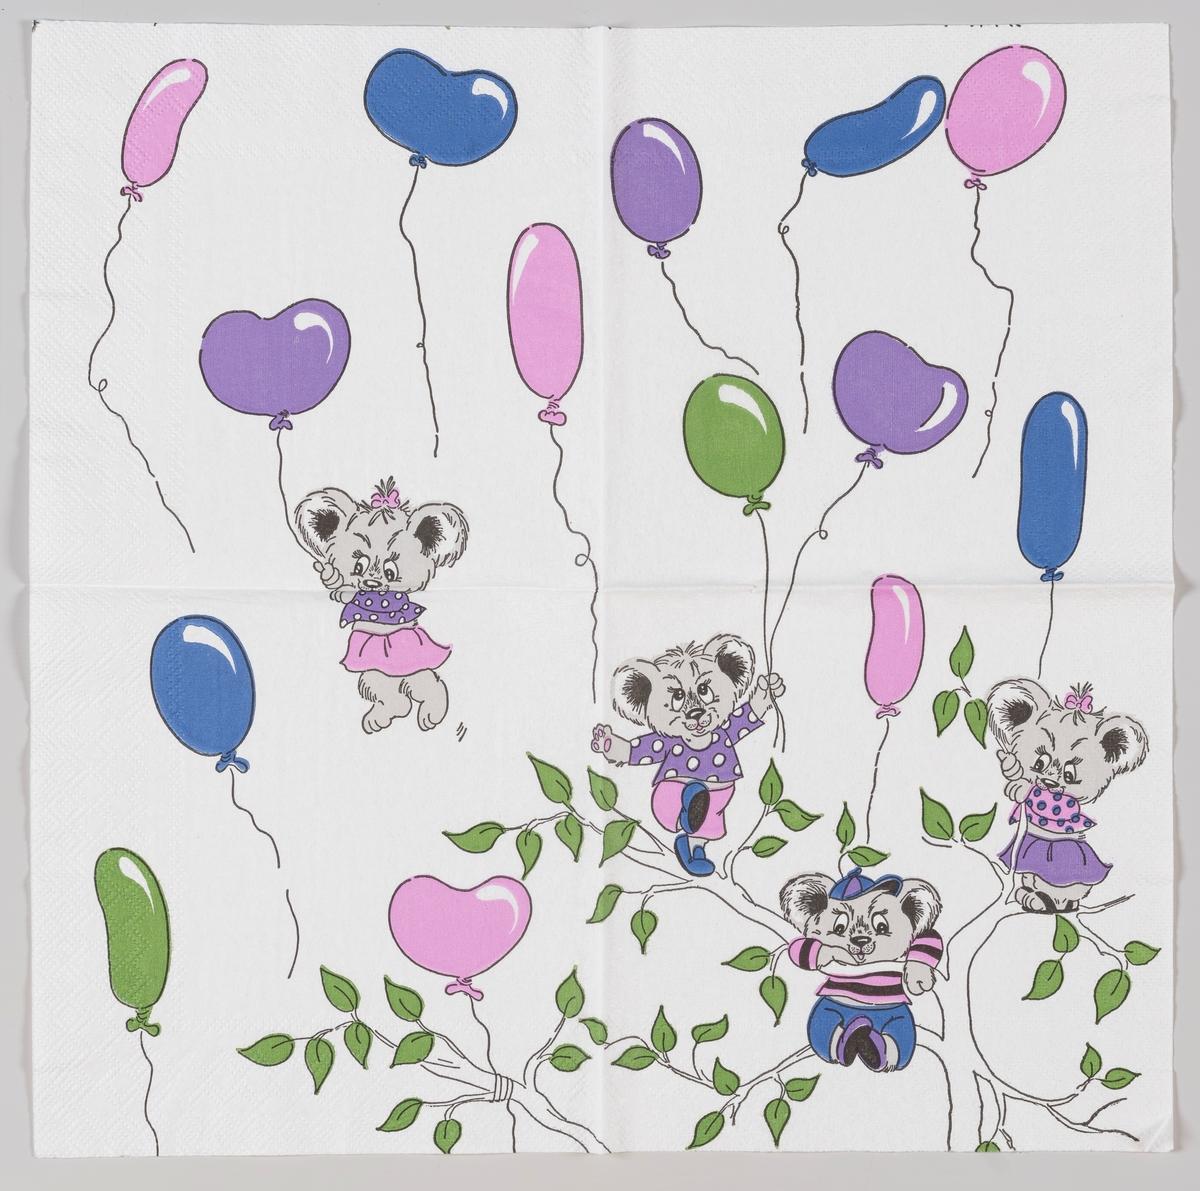 Fire teddybjørner som svever og står øverst i kronen på et tre omgitt av ballonger.